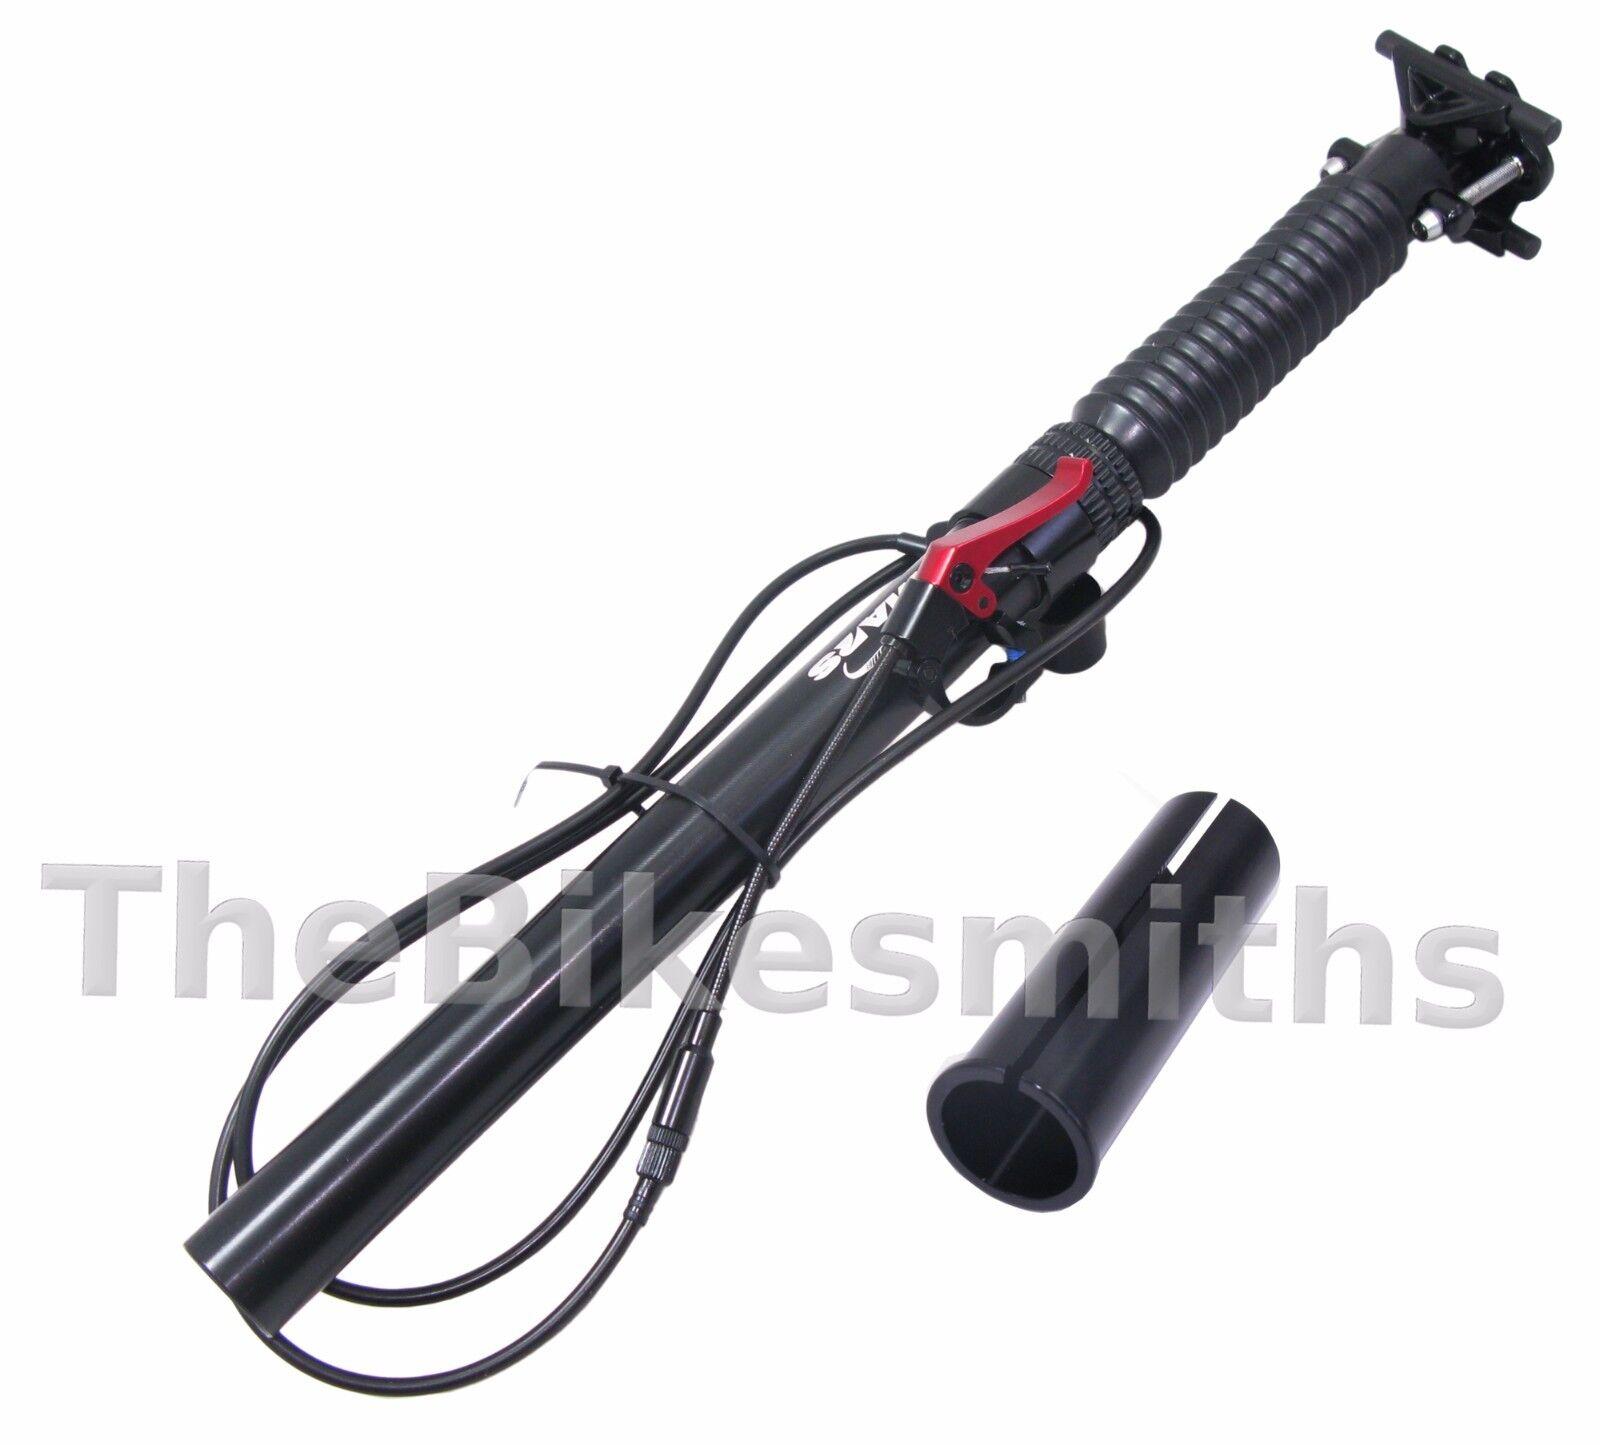 TMARS 419S 27.2     30.9   31.6mm  x 445mm Dropper Alloy Seatpost w  Remote Bike 4e9b0e